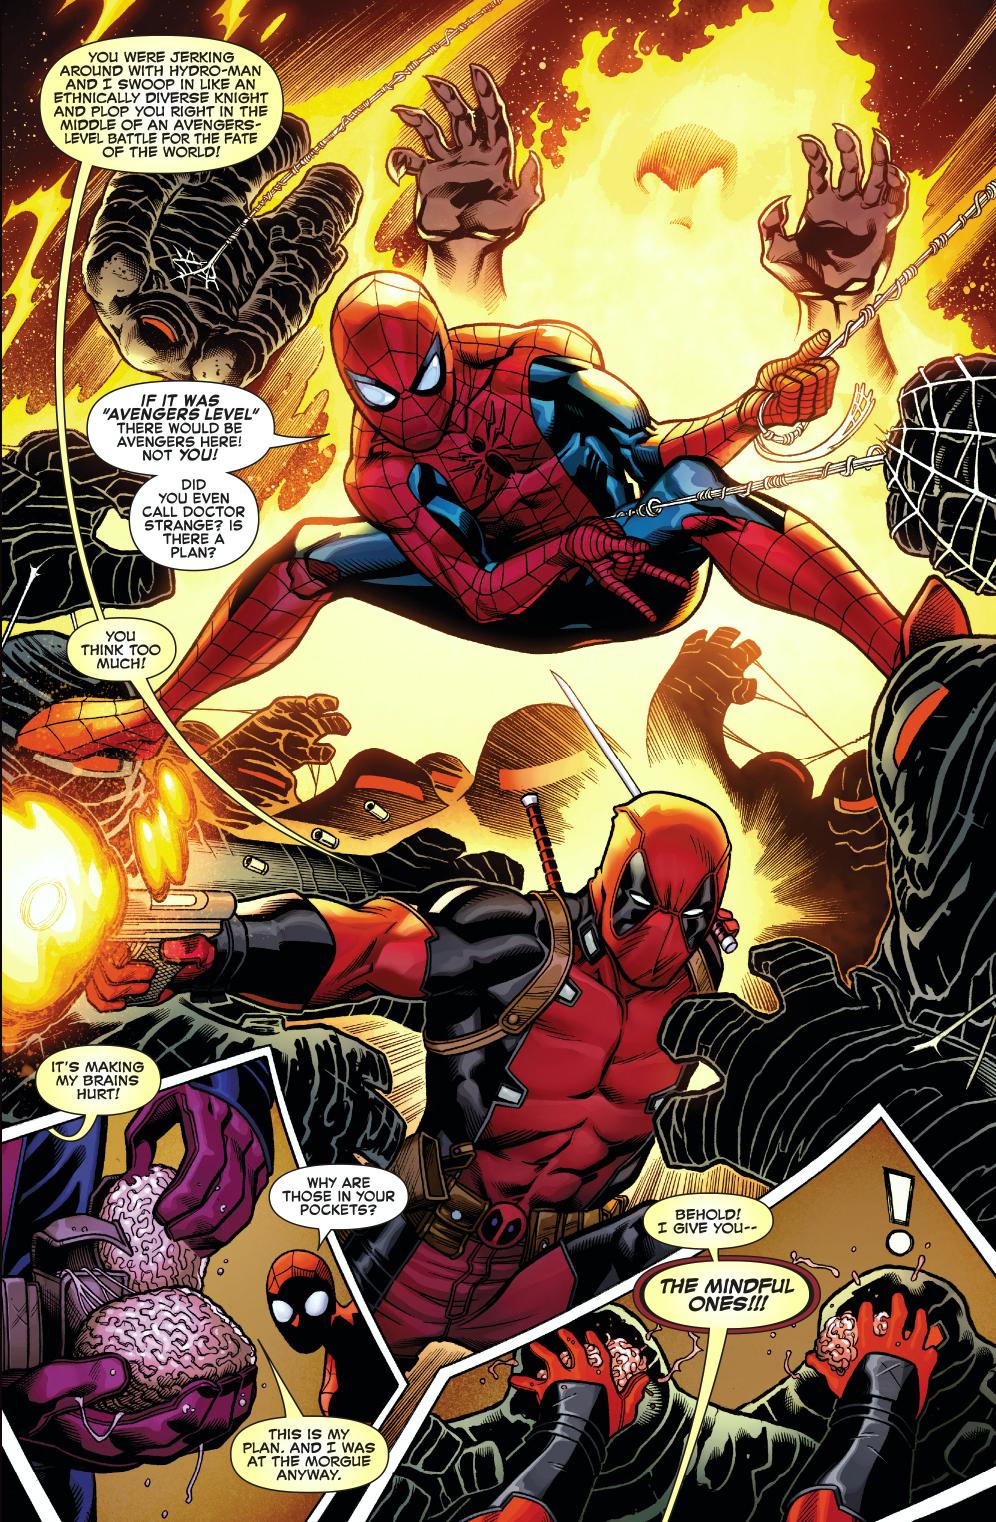 Spiderman Vs Deadpool Wallpapers Comics Hq Spiderman Vs Deadpool Pictures 4k Wallpapers 2019